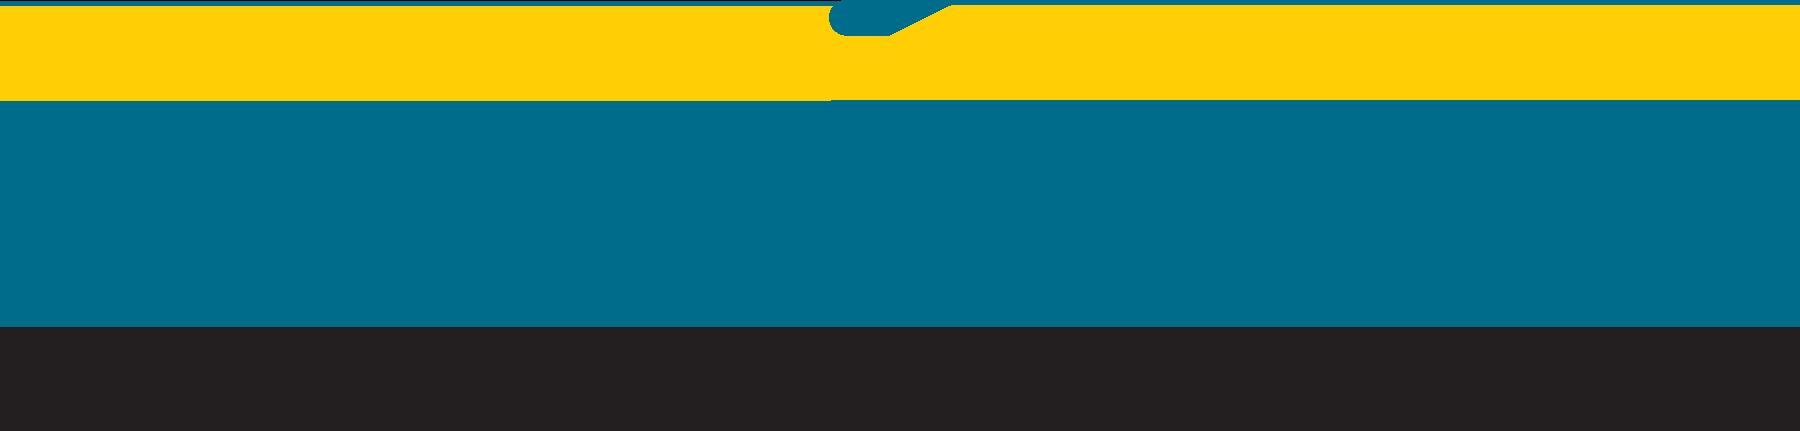 Certiport logo blue